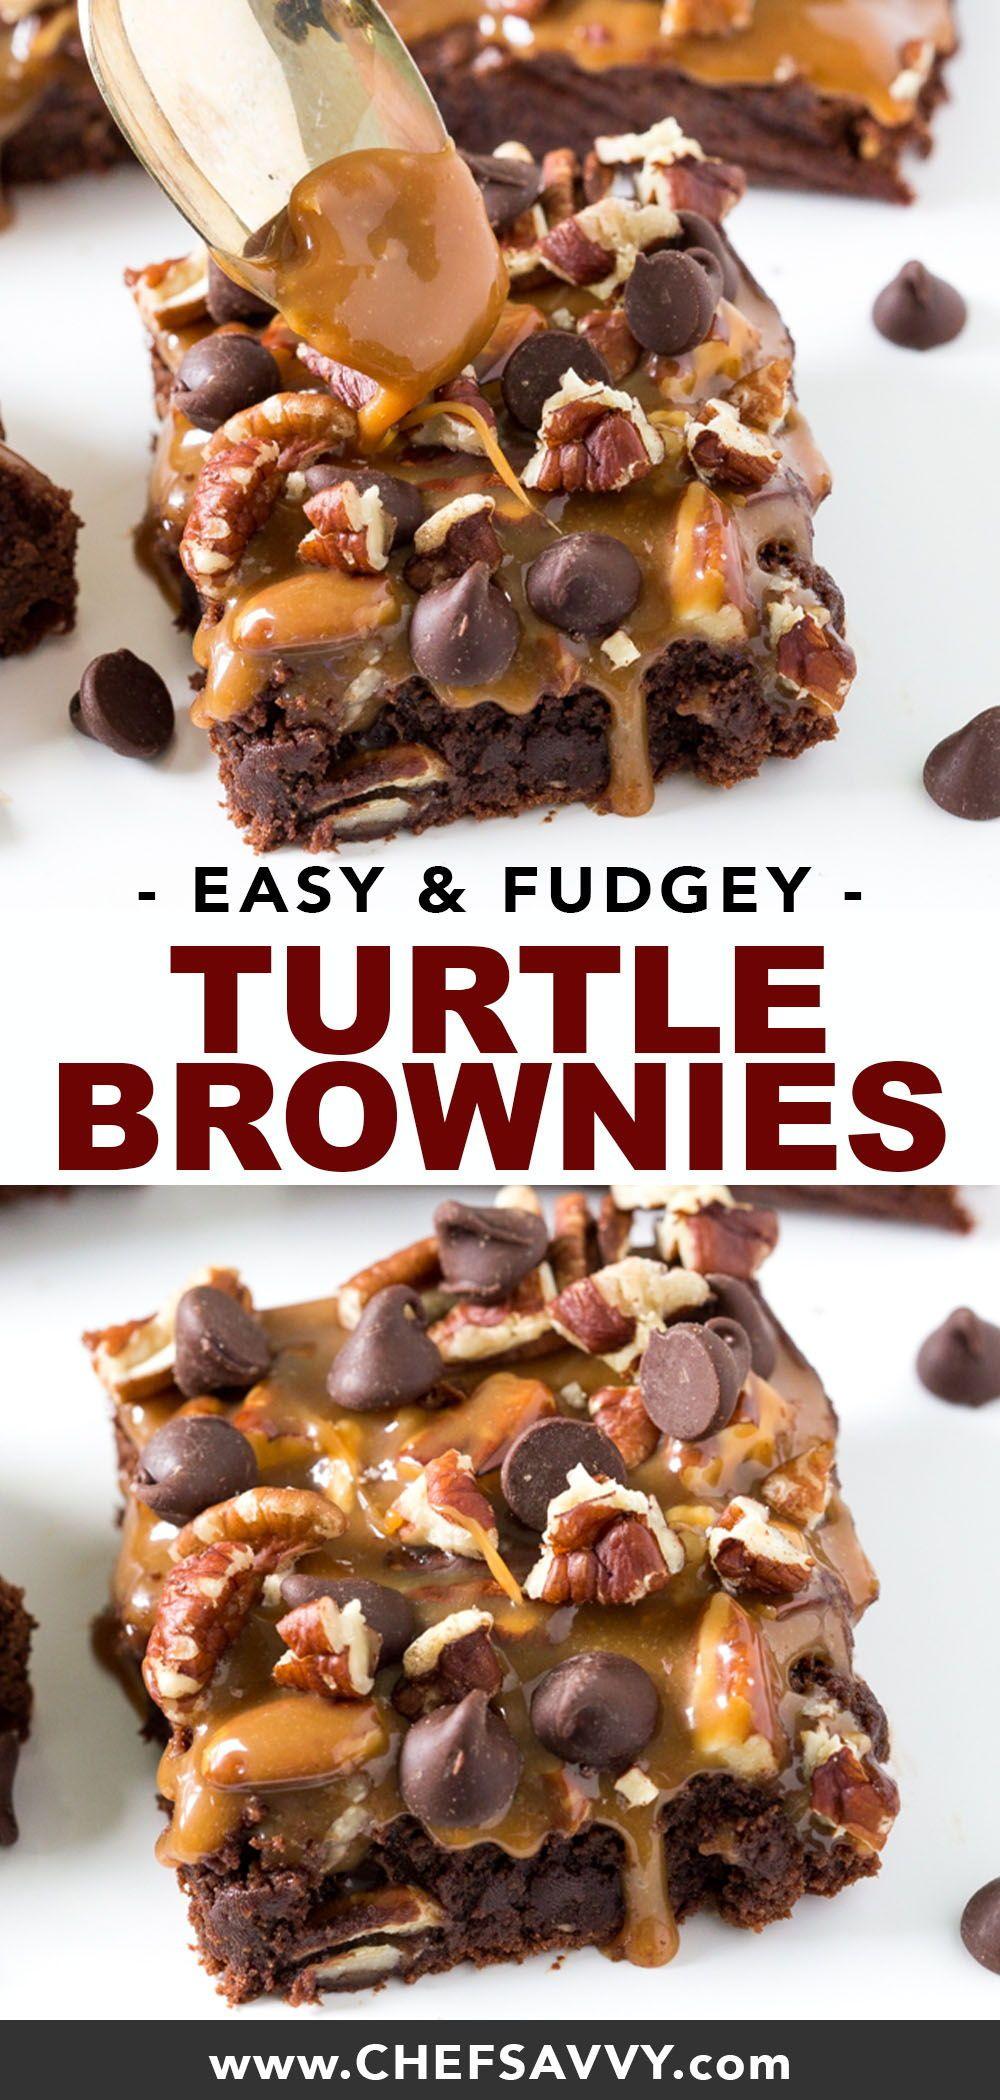 Easy Turtle Brownies